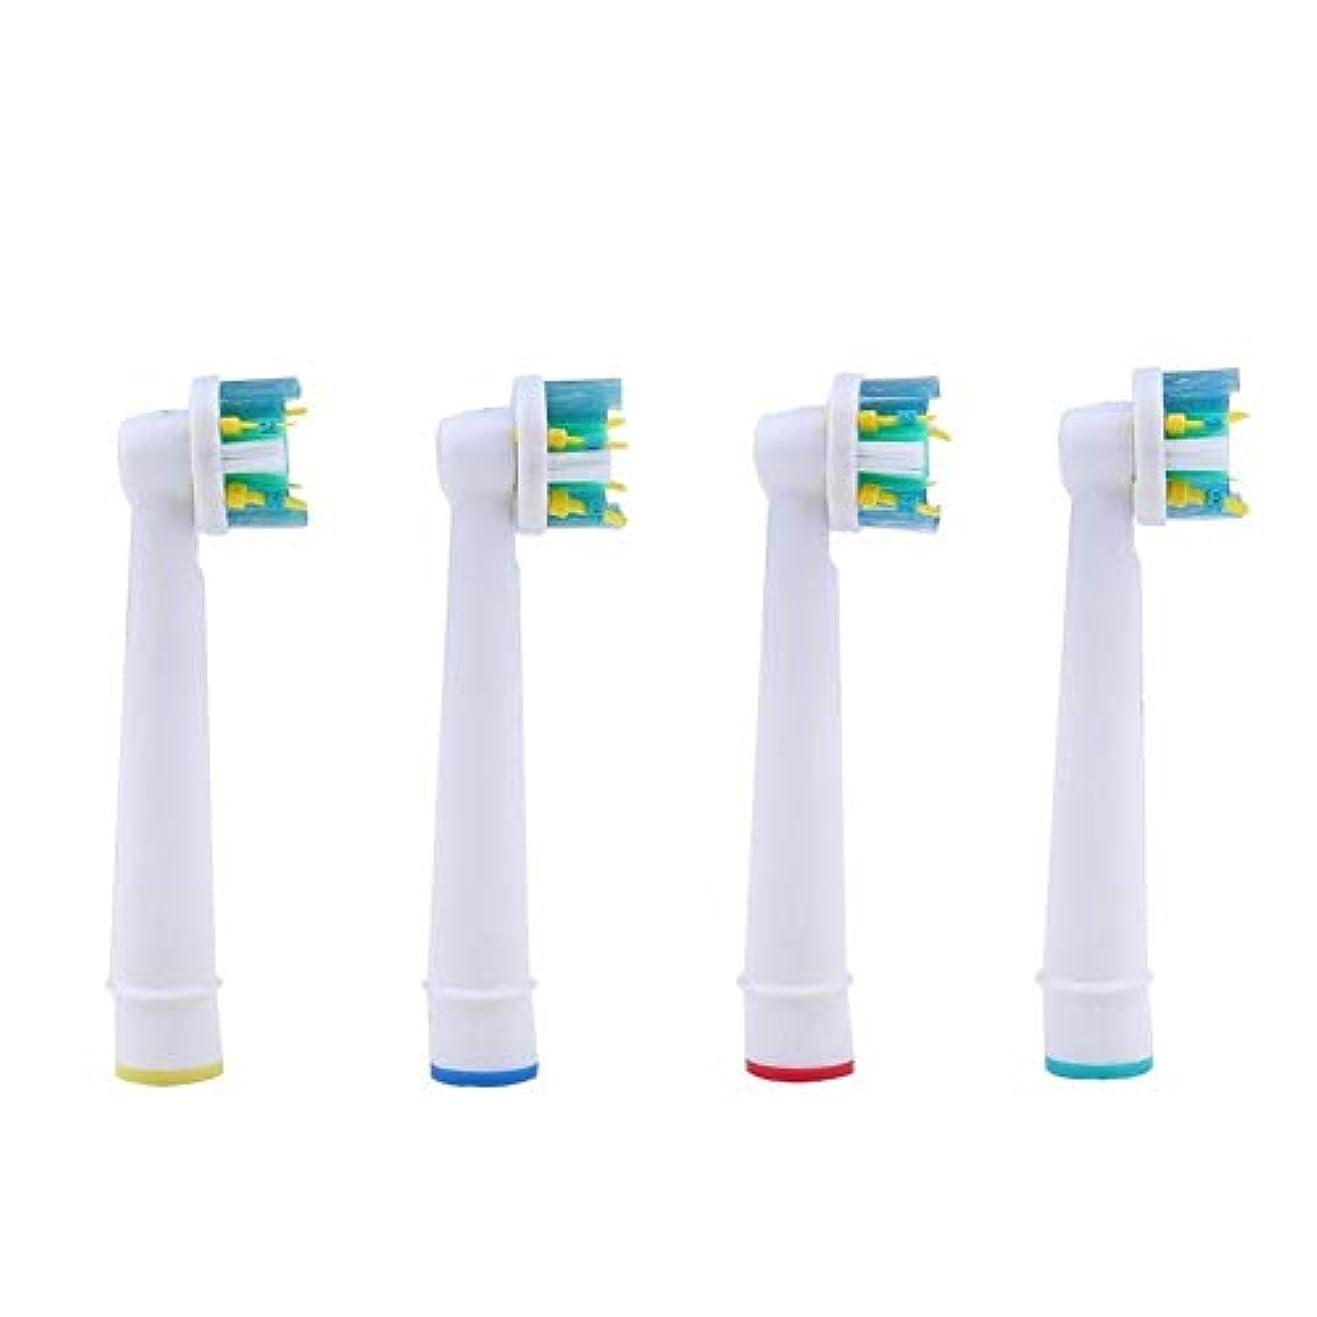 エンジニアリング捨てる不信Oral-B電動歯ブラシ 歯ブラシヘッド交換 交換用ブラウン マルチアクションブラシ OralB FLOSS ACTIONのために適した 汎用互換品 4本/セット